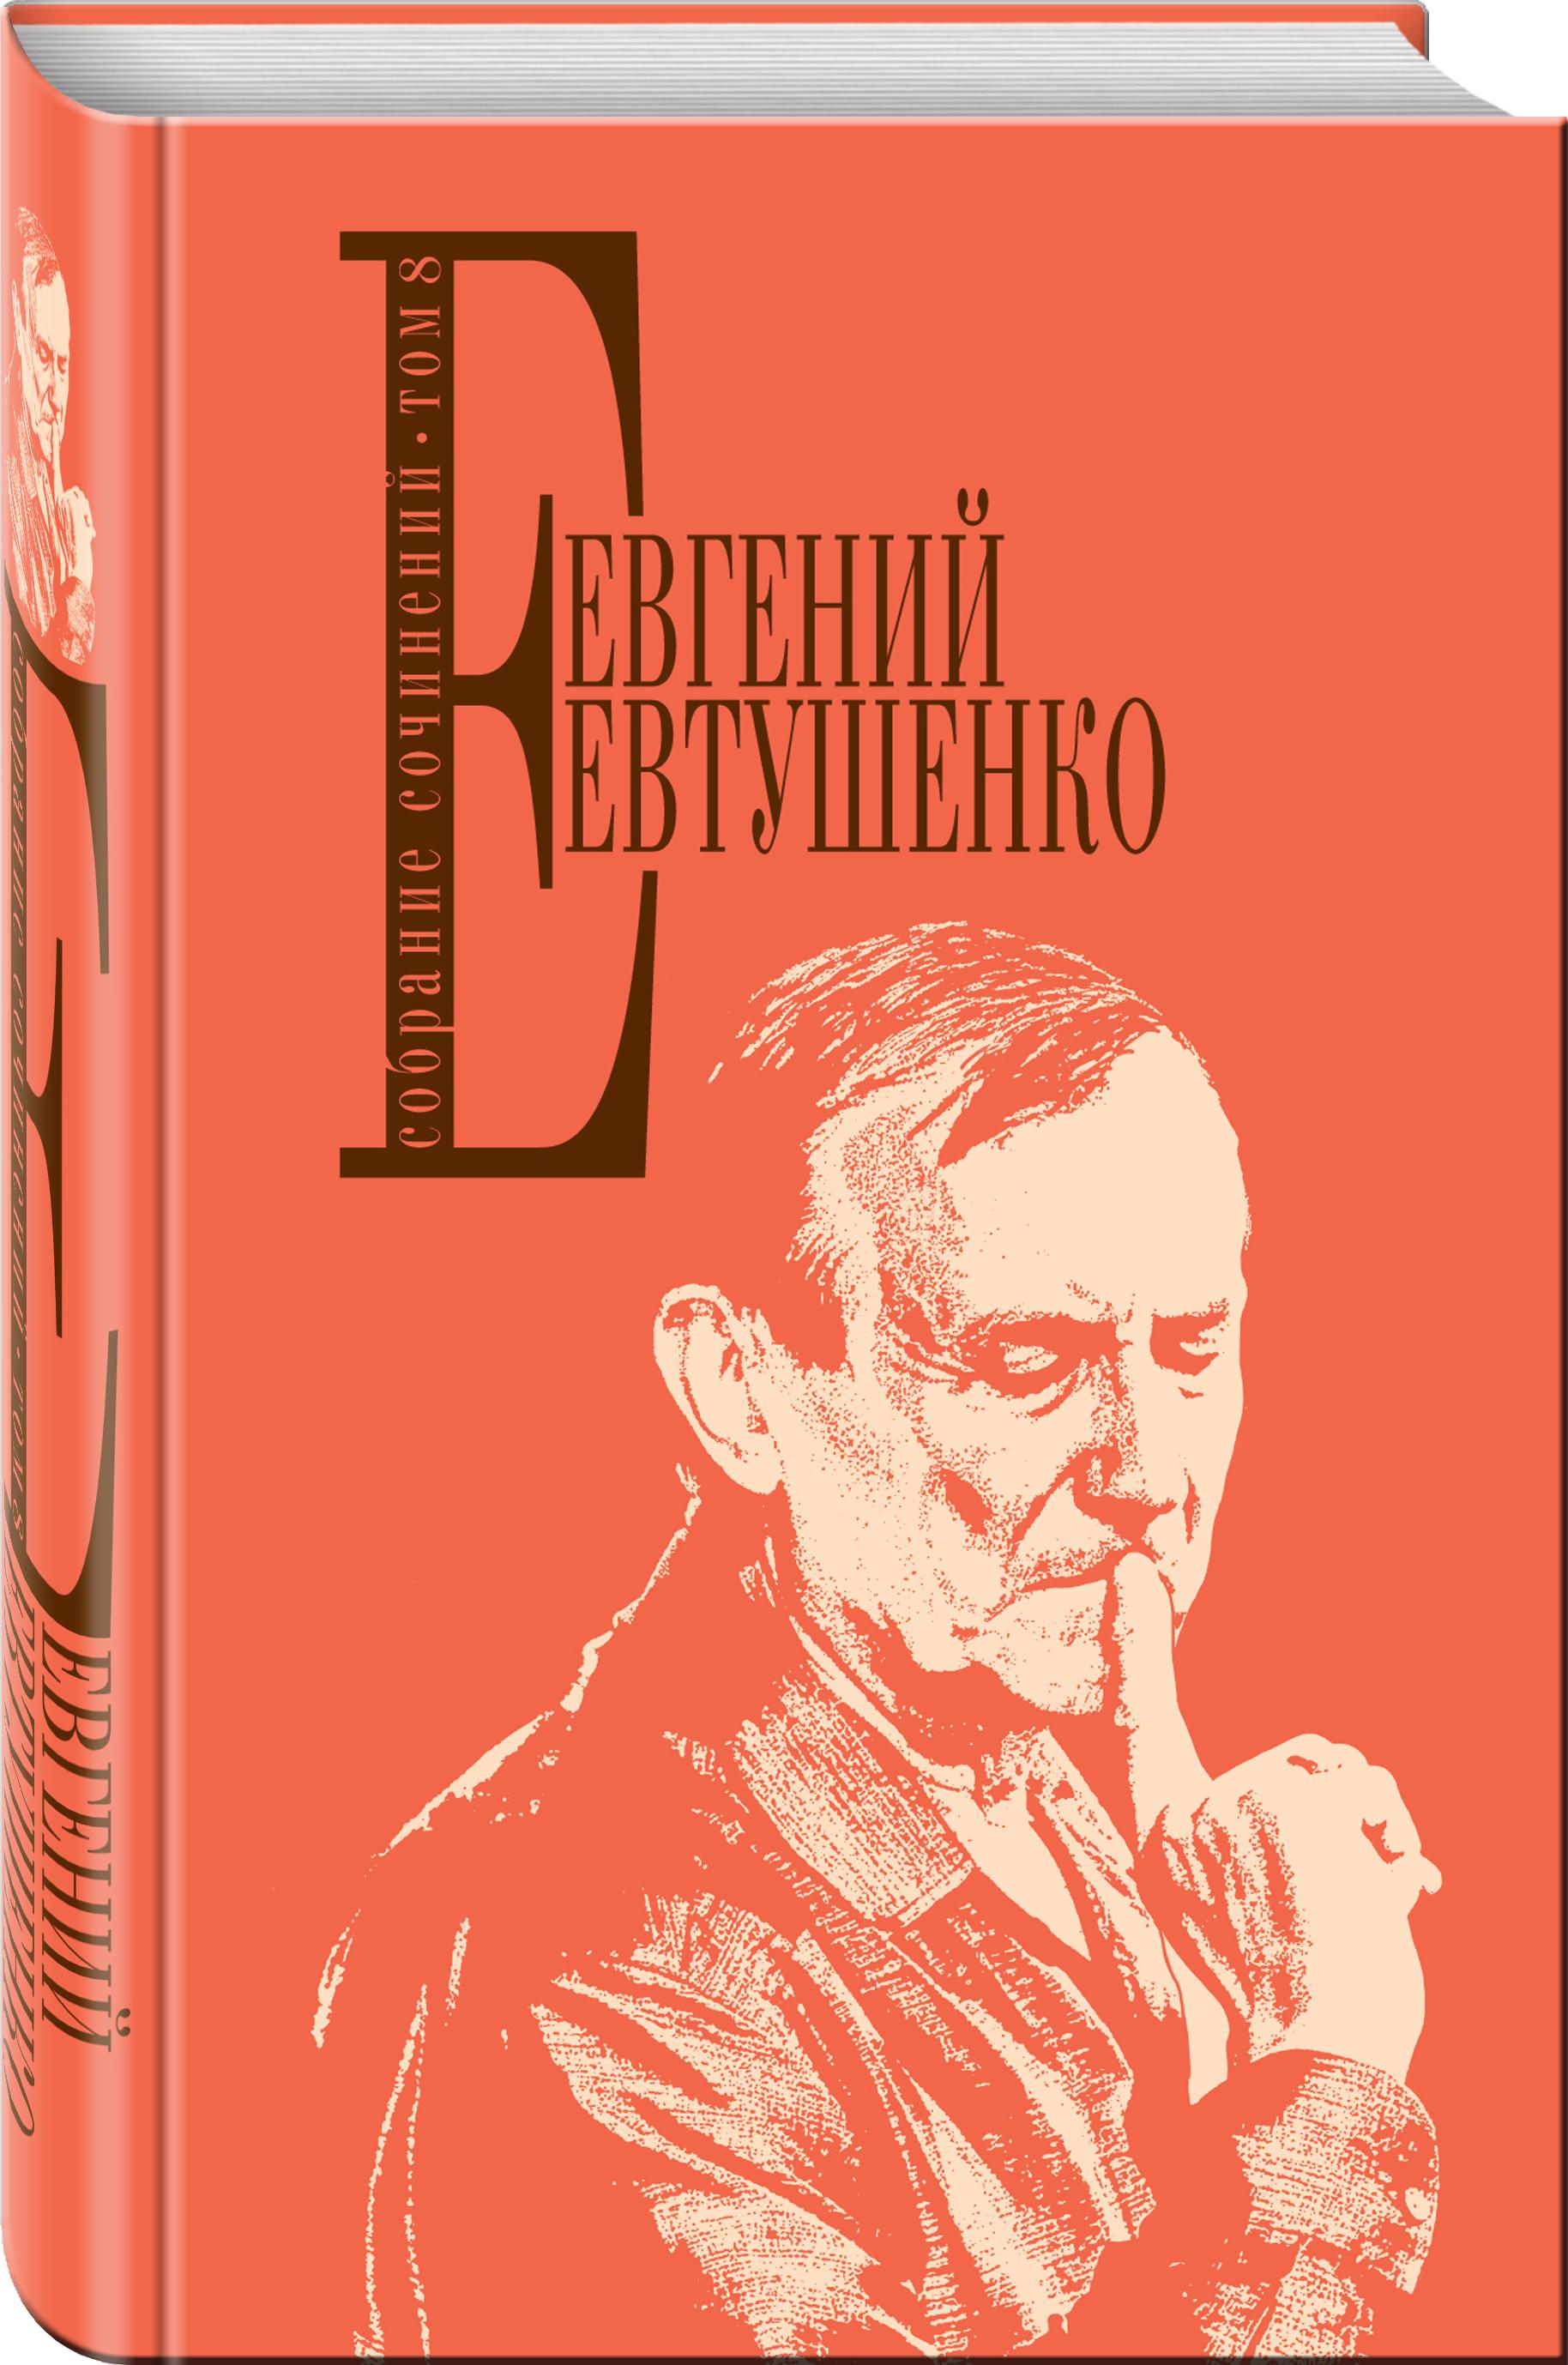 Евгений Евтушенко Собрание сочинений. Т. 8 евтушенко е не умею прощаться стихотворения поэмы isbn 9785699656714